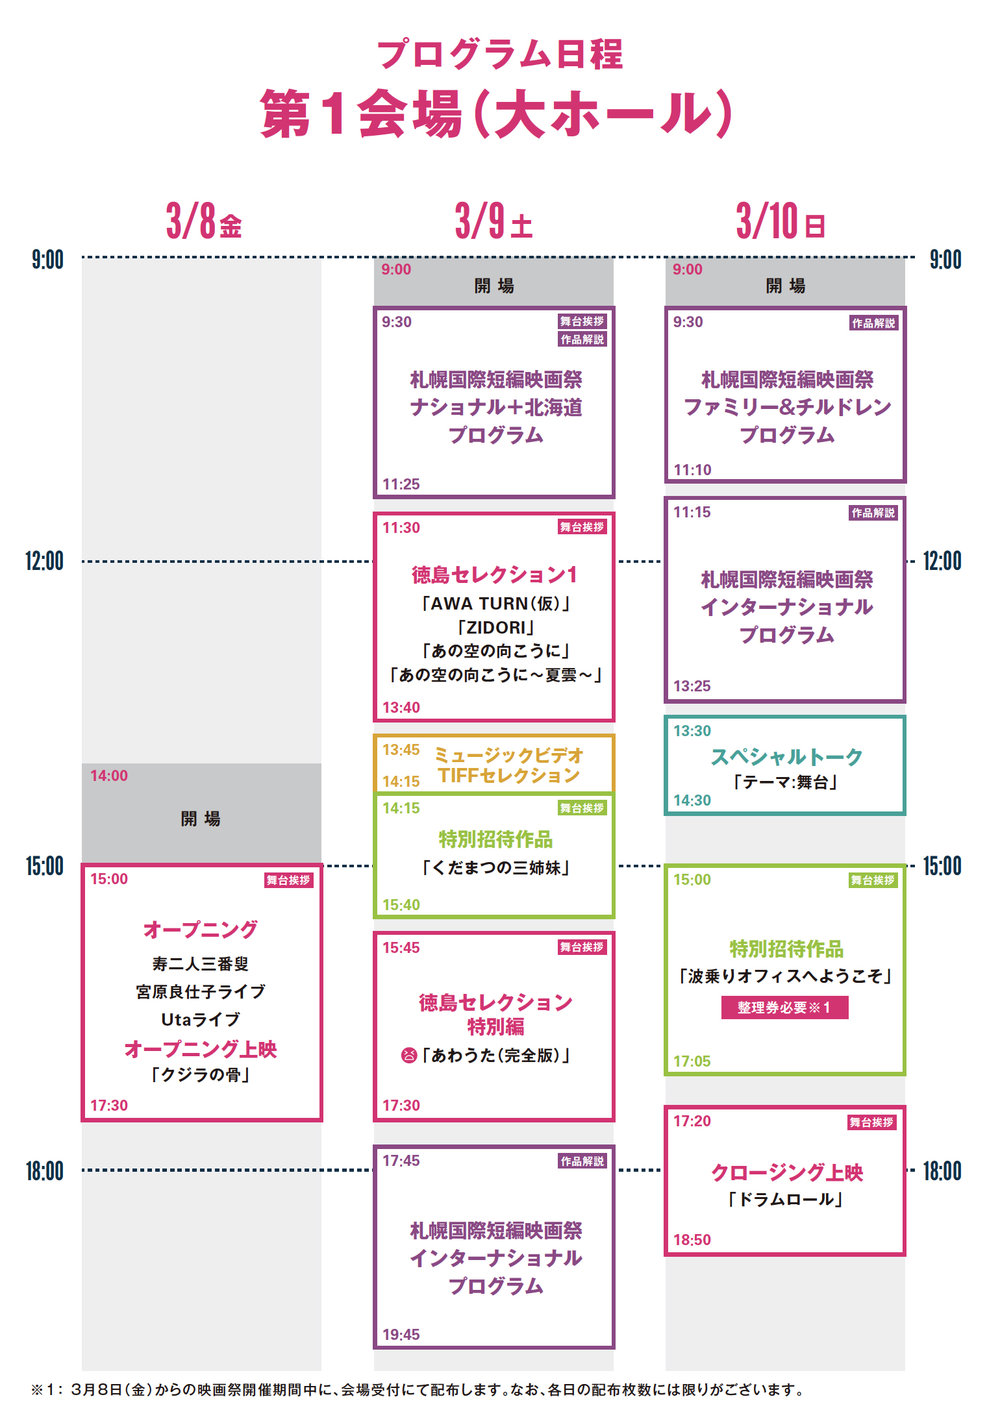 schedule001.jpg